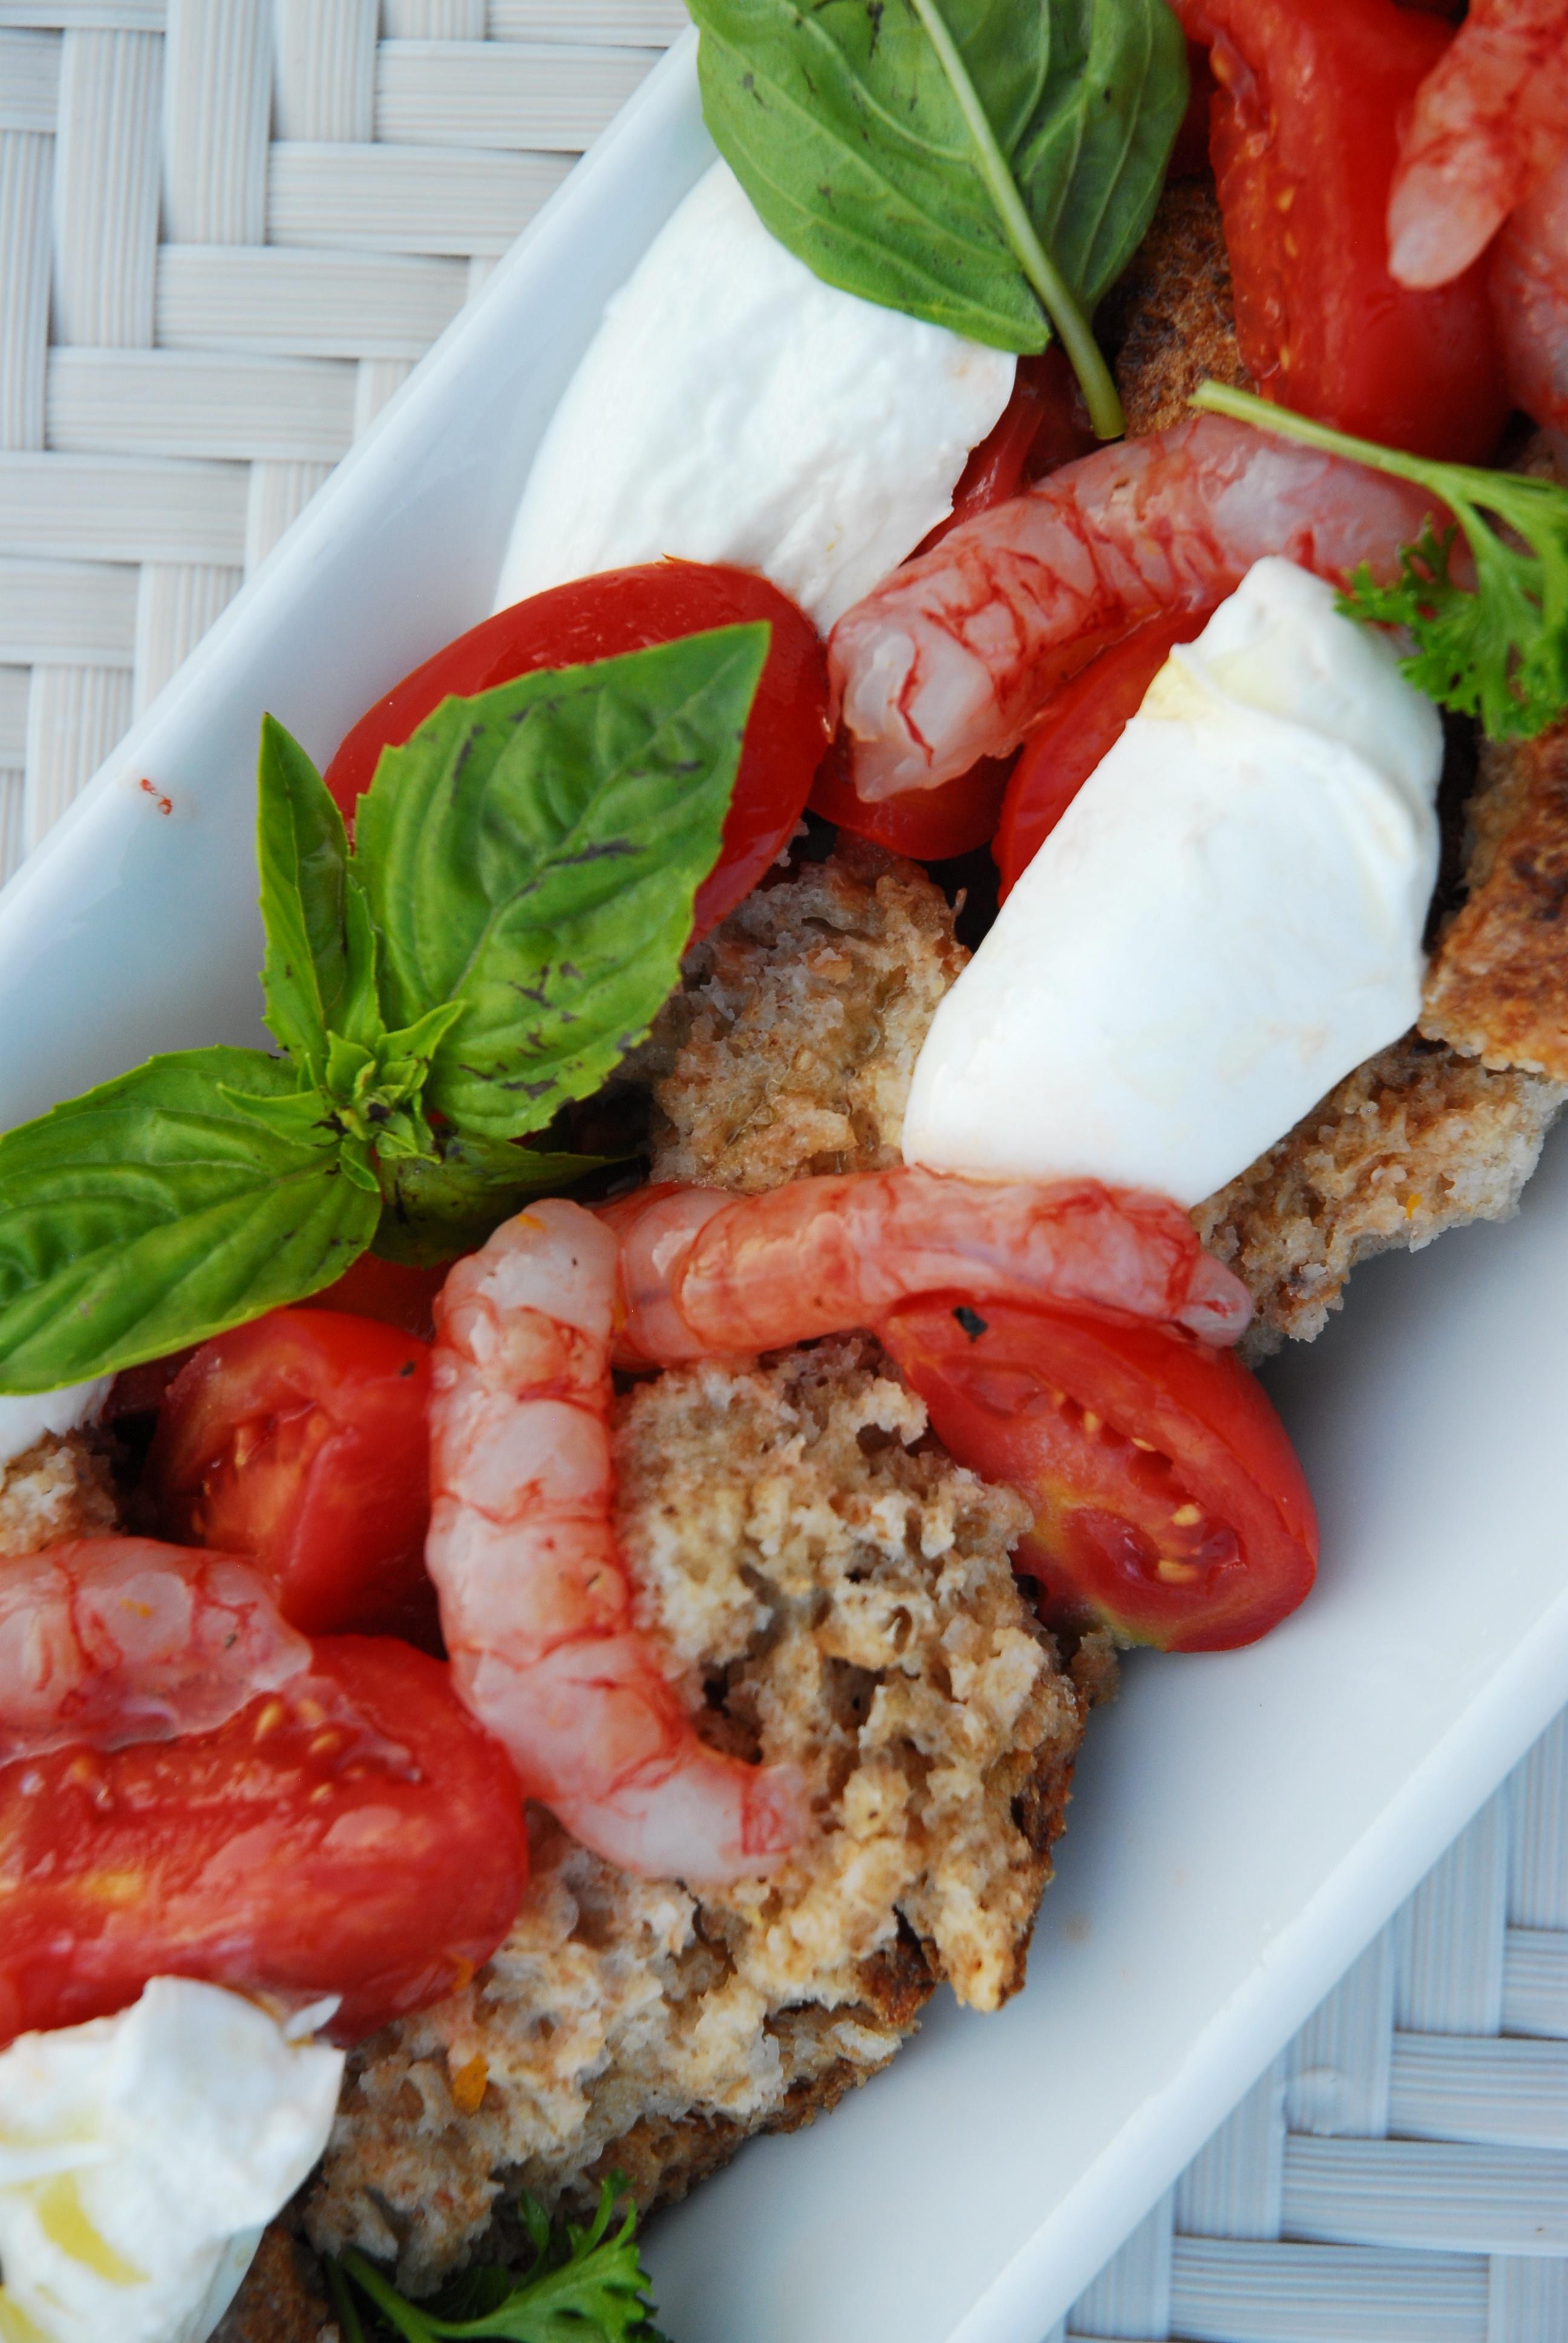 Brotsalat mit Gemüse und Meeresfrüchten